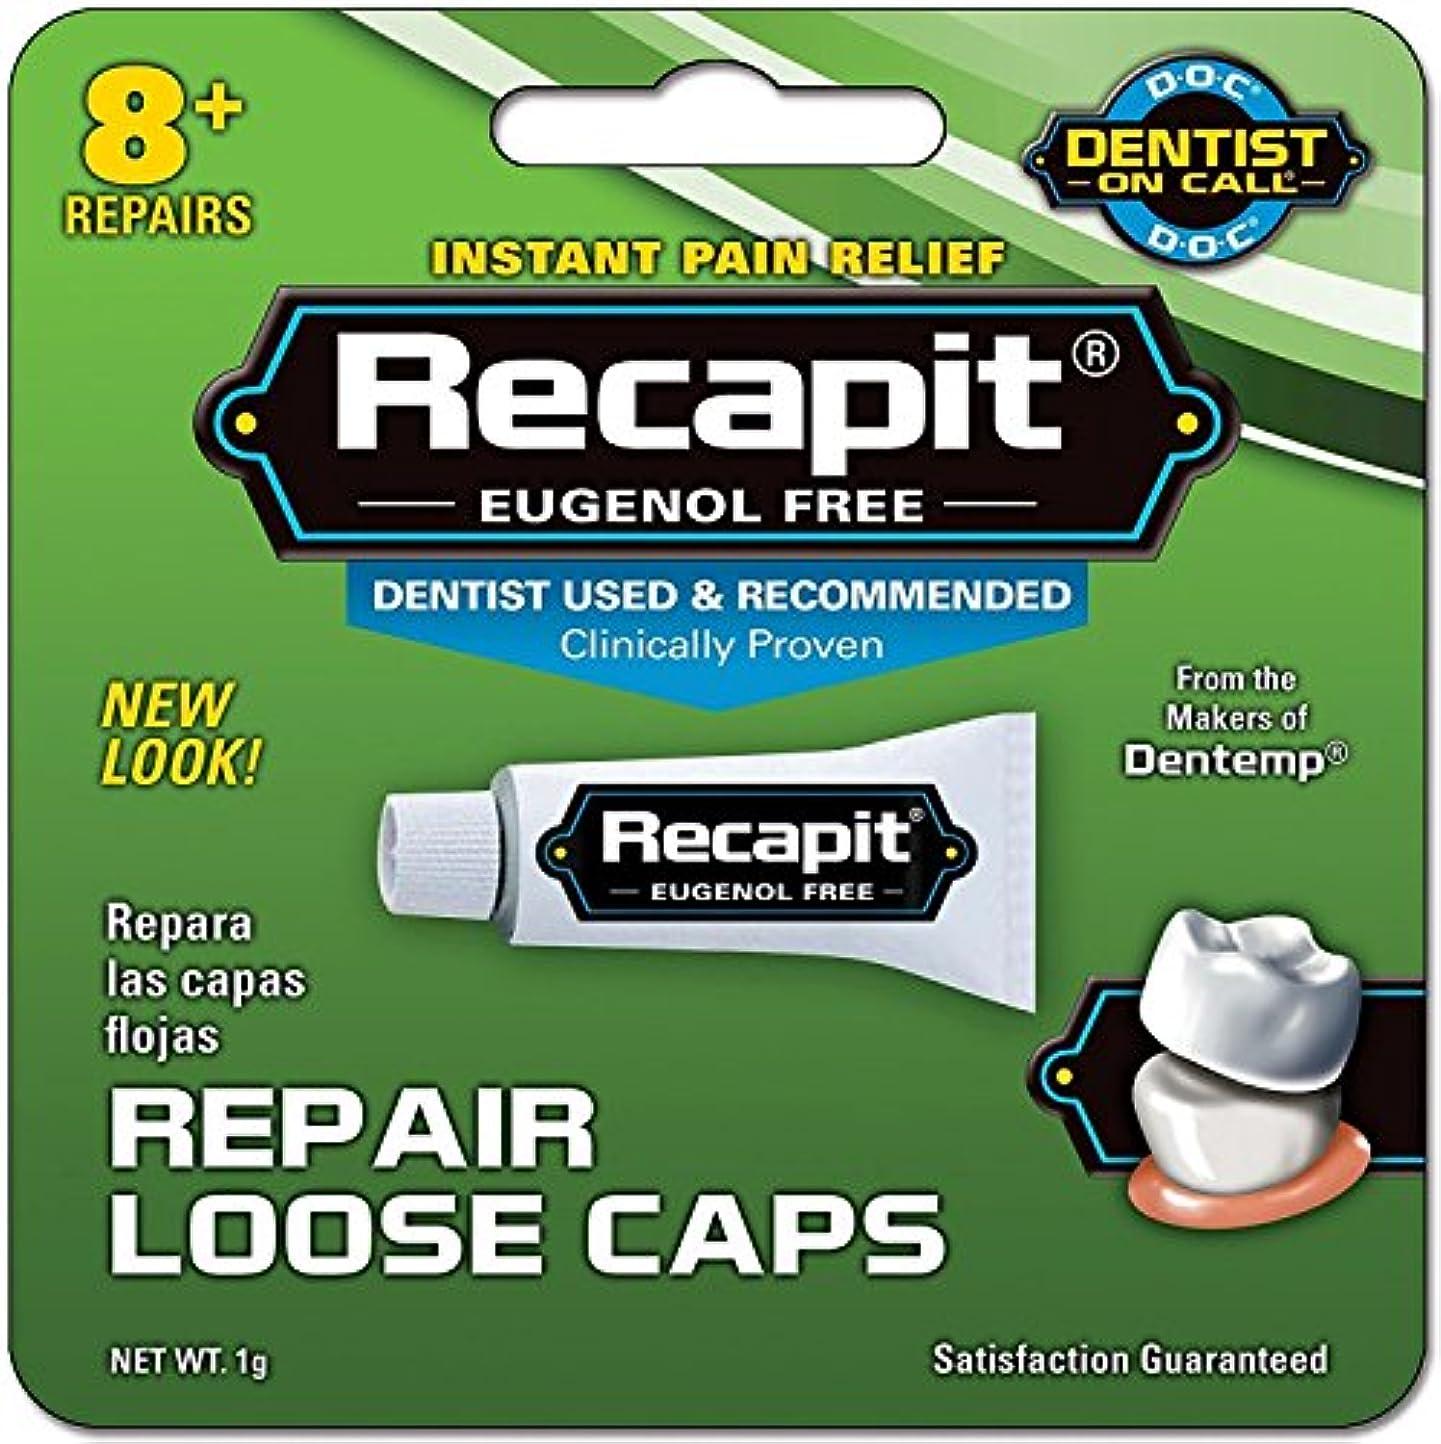 疎外するきゅうり裕福なDoc Recapitルースキャップ歯科修復 - 8つの修理、2パック